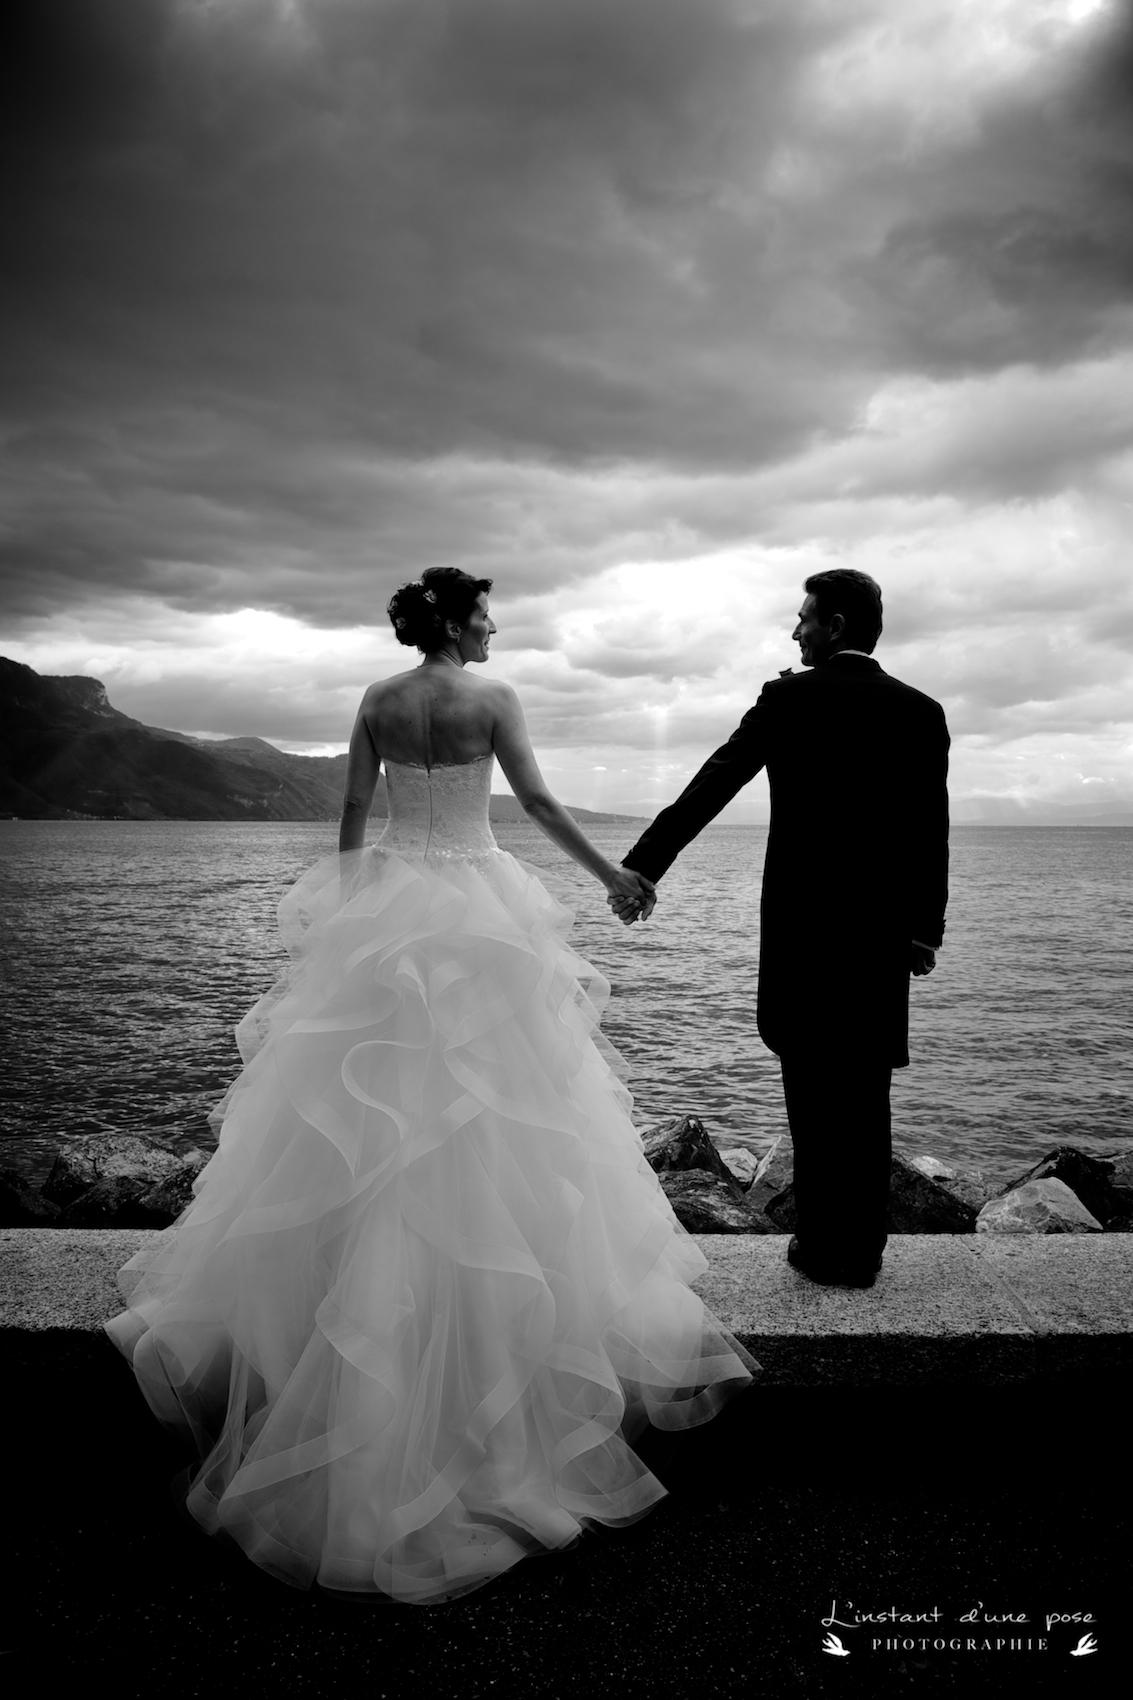 A&N_les mariés 145